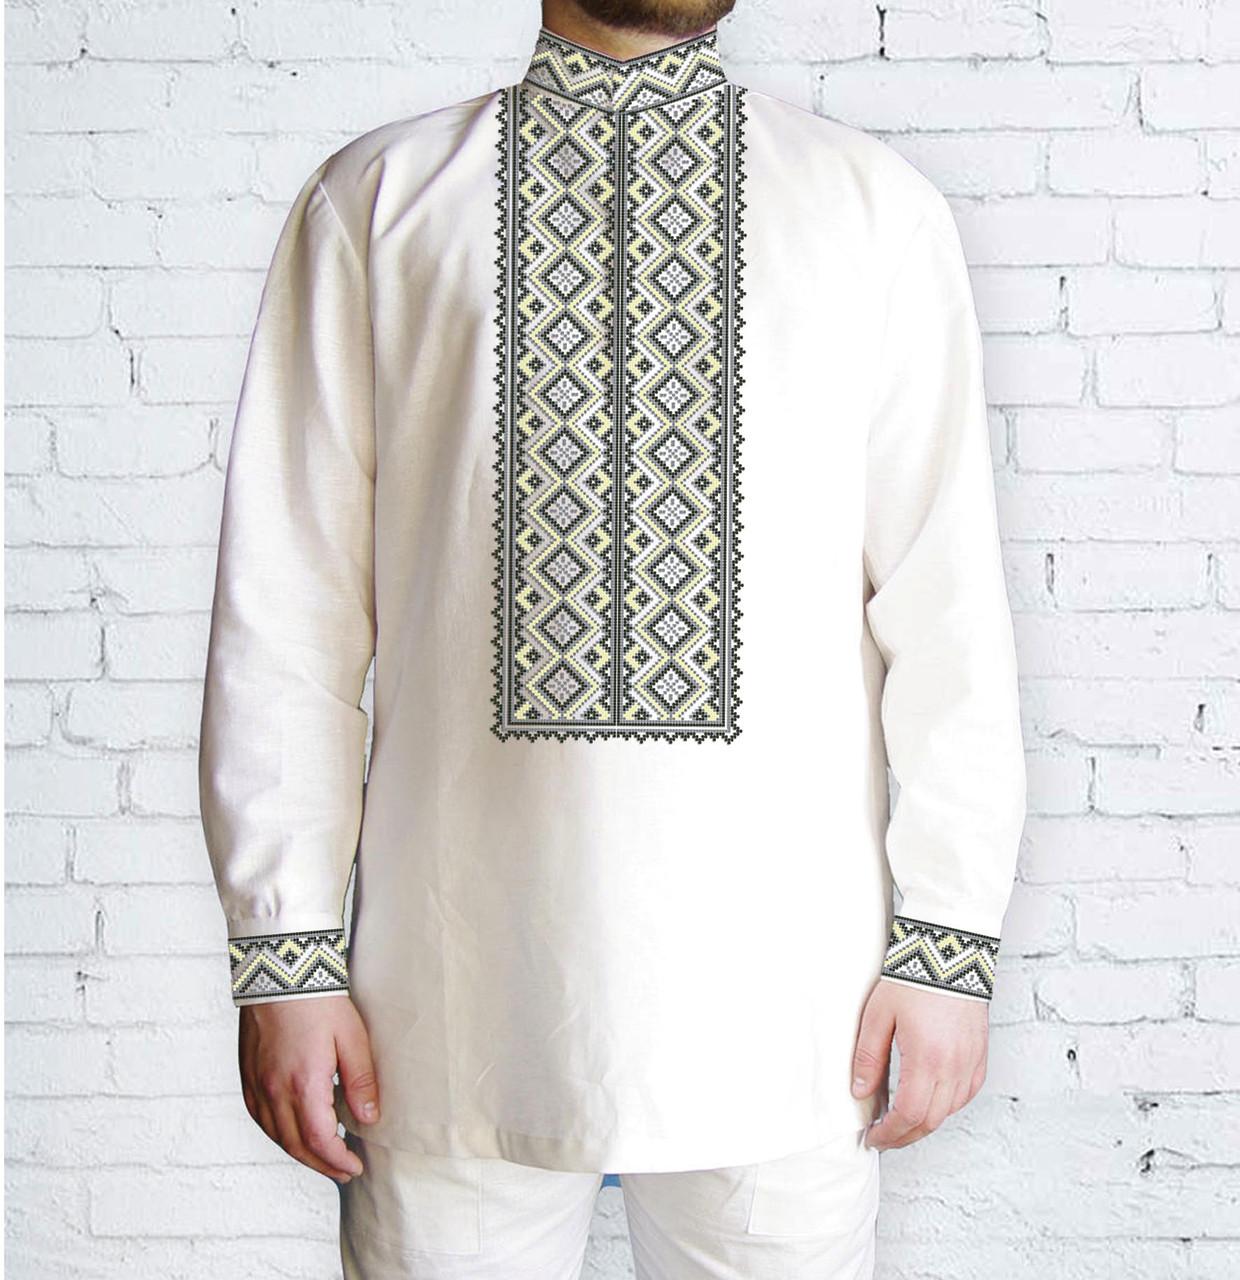 Заготовка чоловічої сорочки та вишиванки для вишивки чи вишивання бісером Бисерок «Орнамент 517» (Ч-517 С)